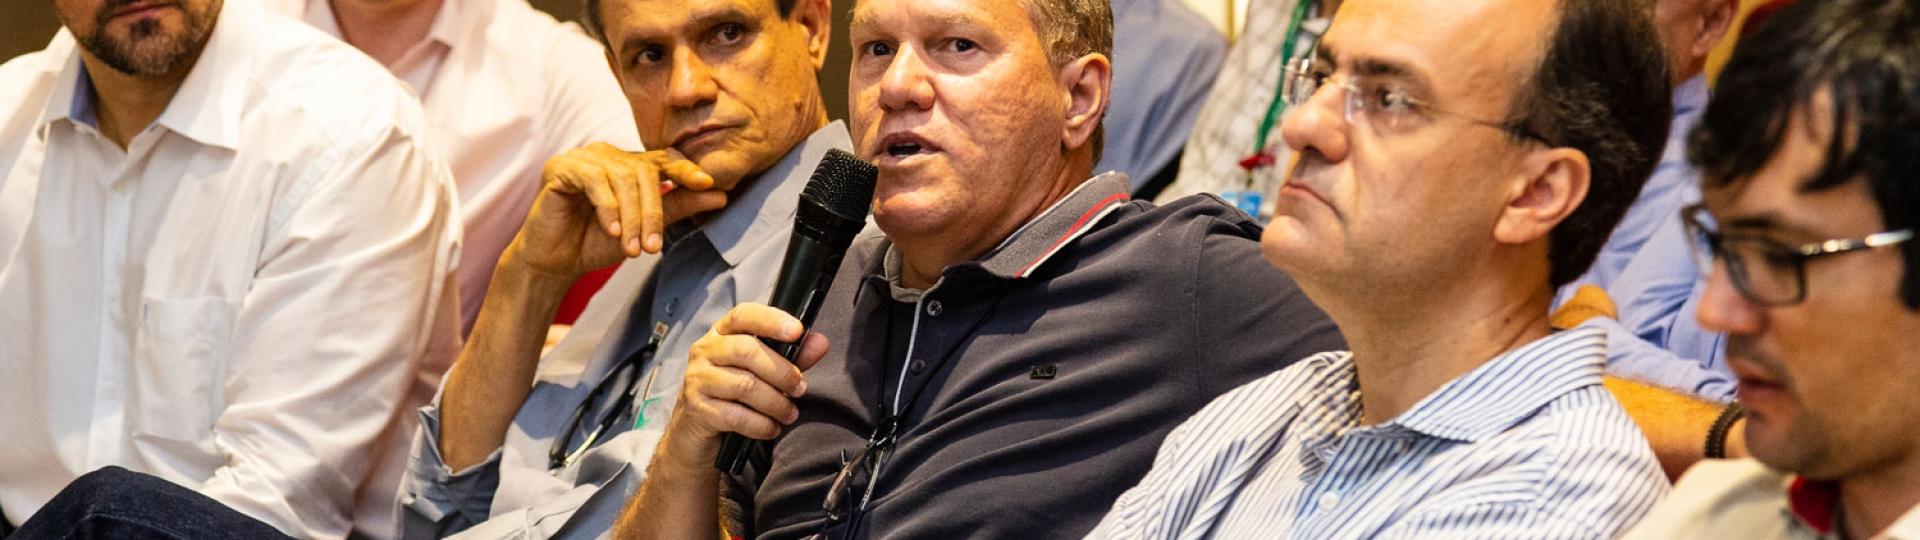 GEDAVE: CADASTRO OBRIGATÓRIO